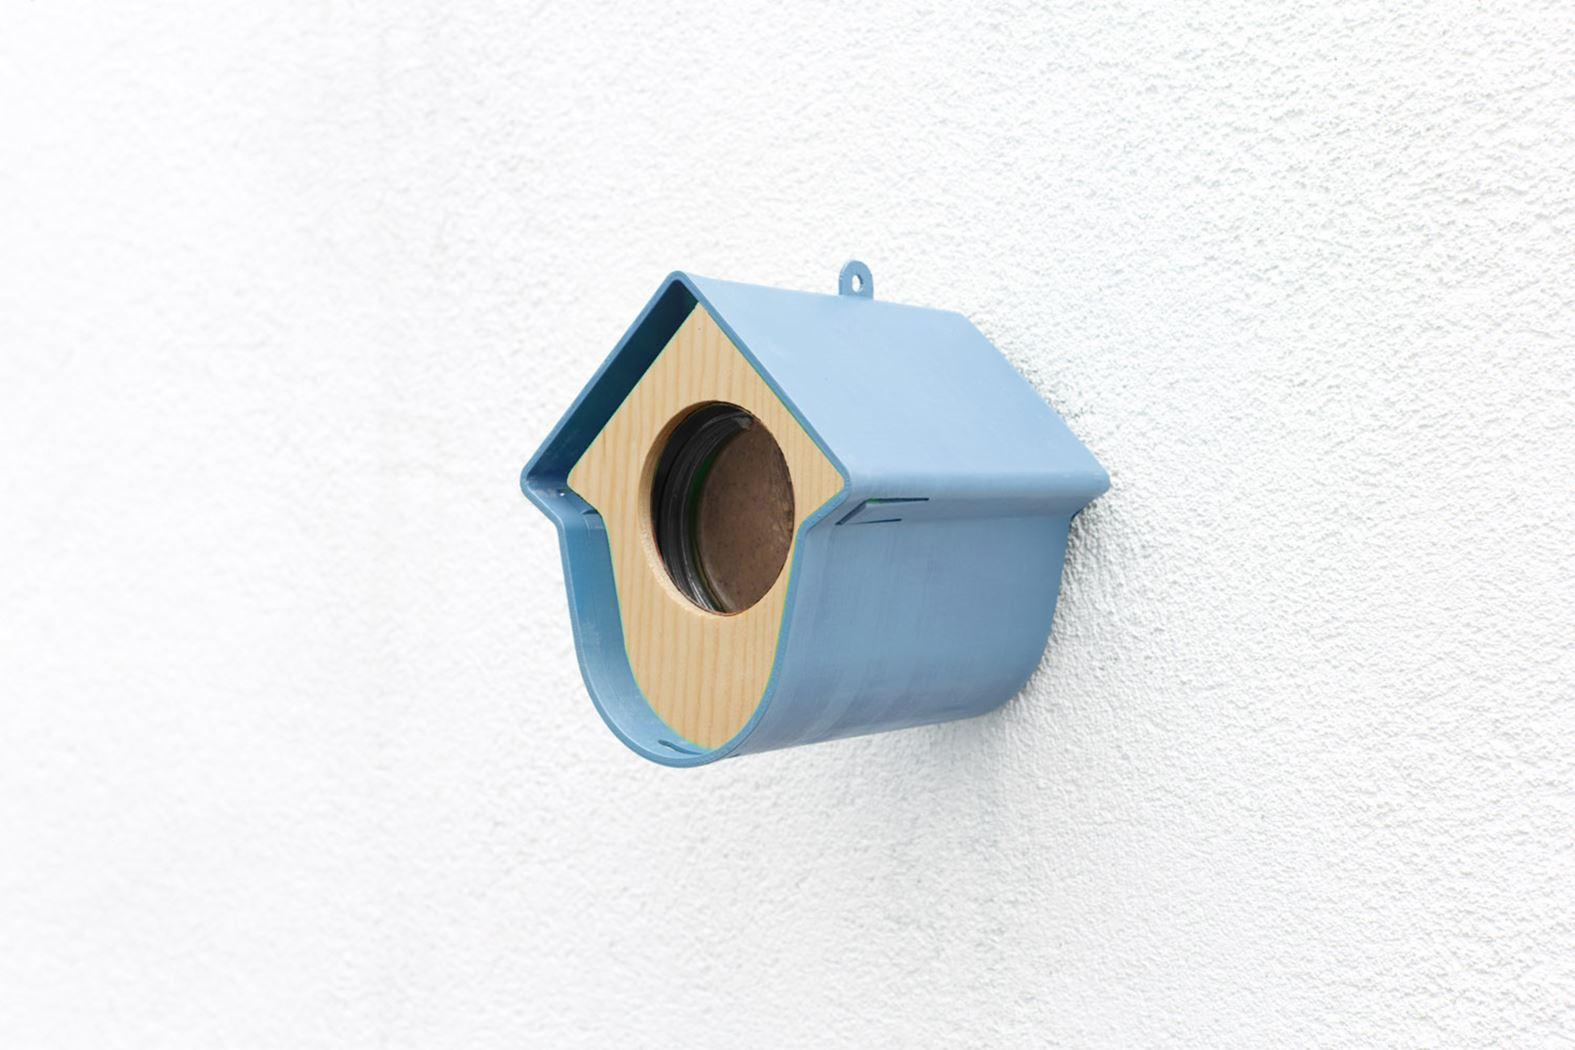 benelux evie pindapothouder+nestkast+huisje blauw